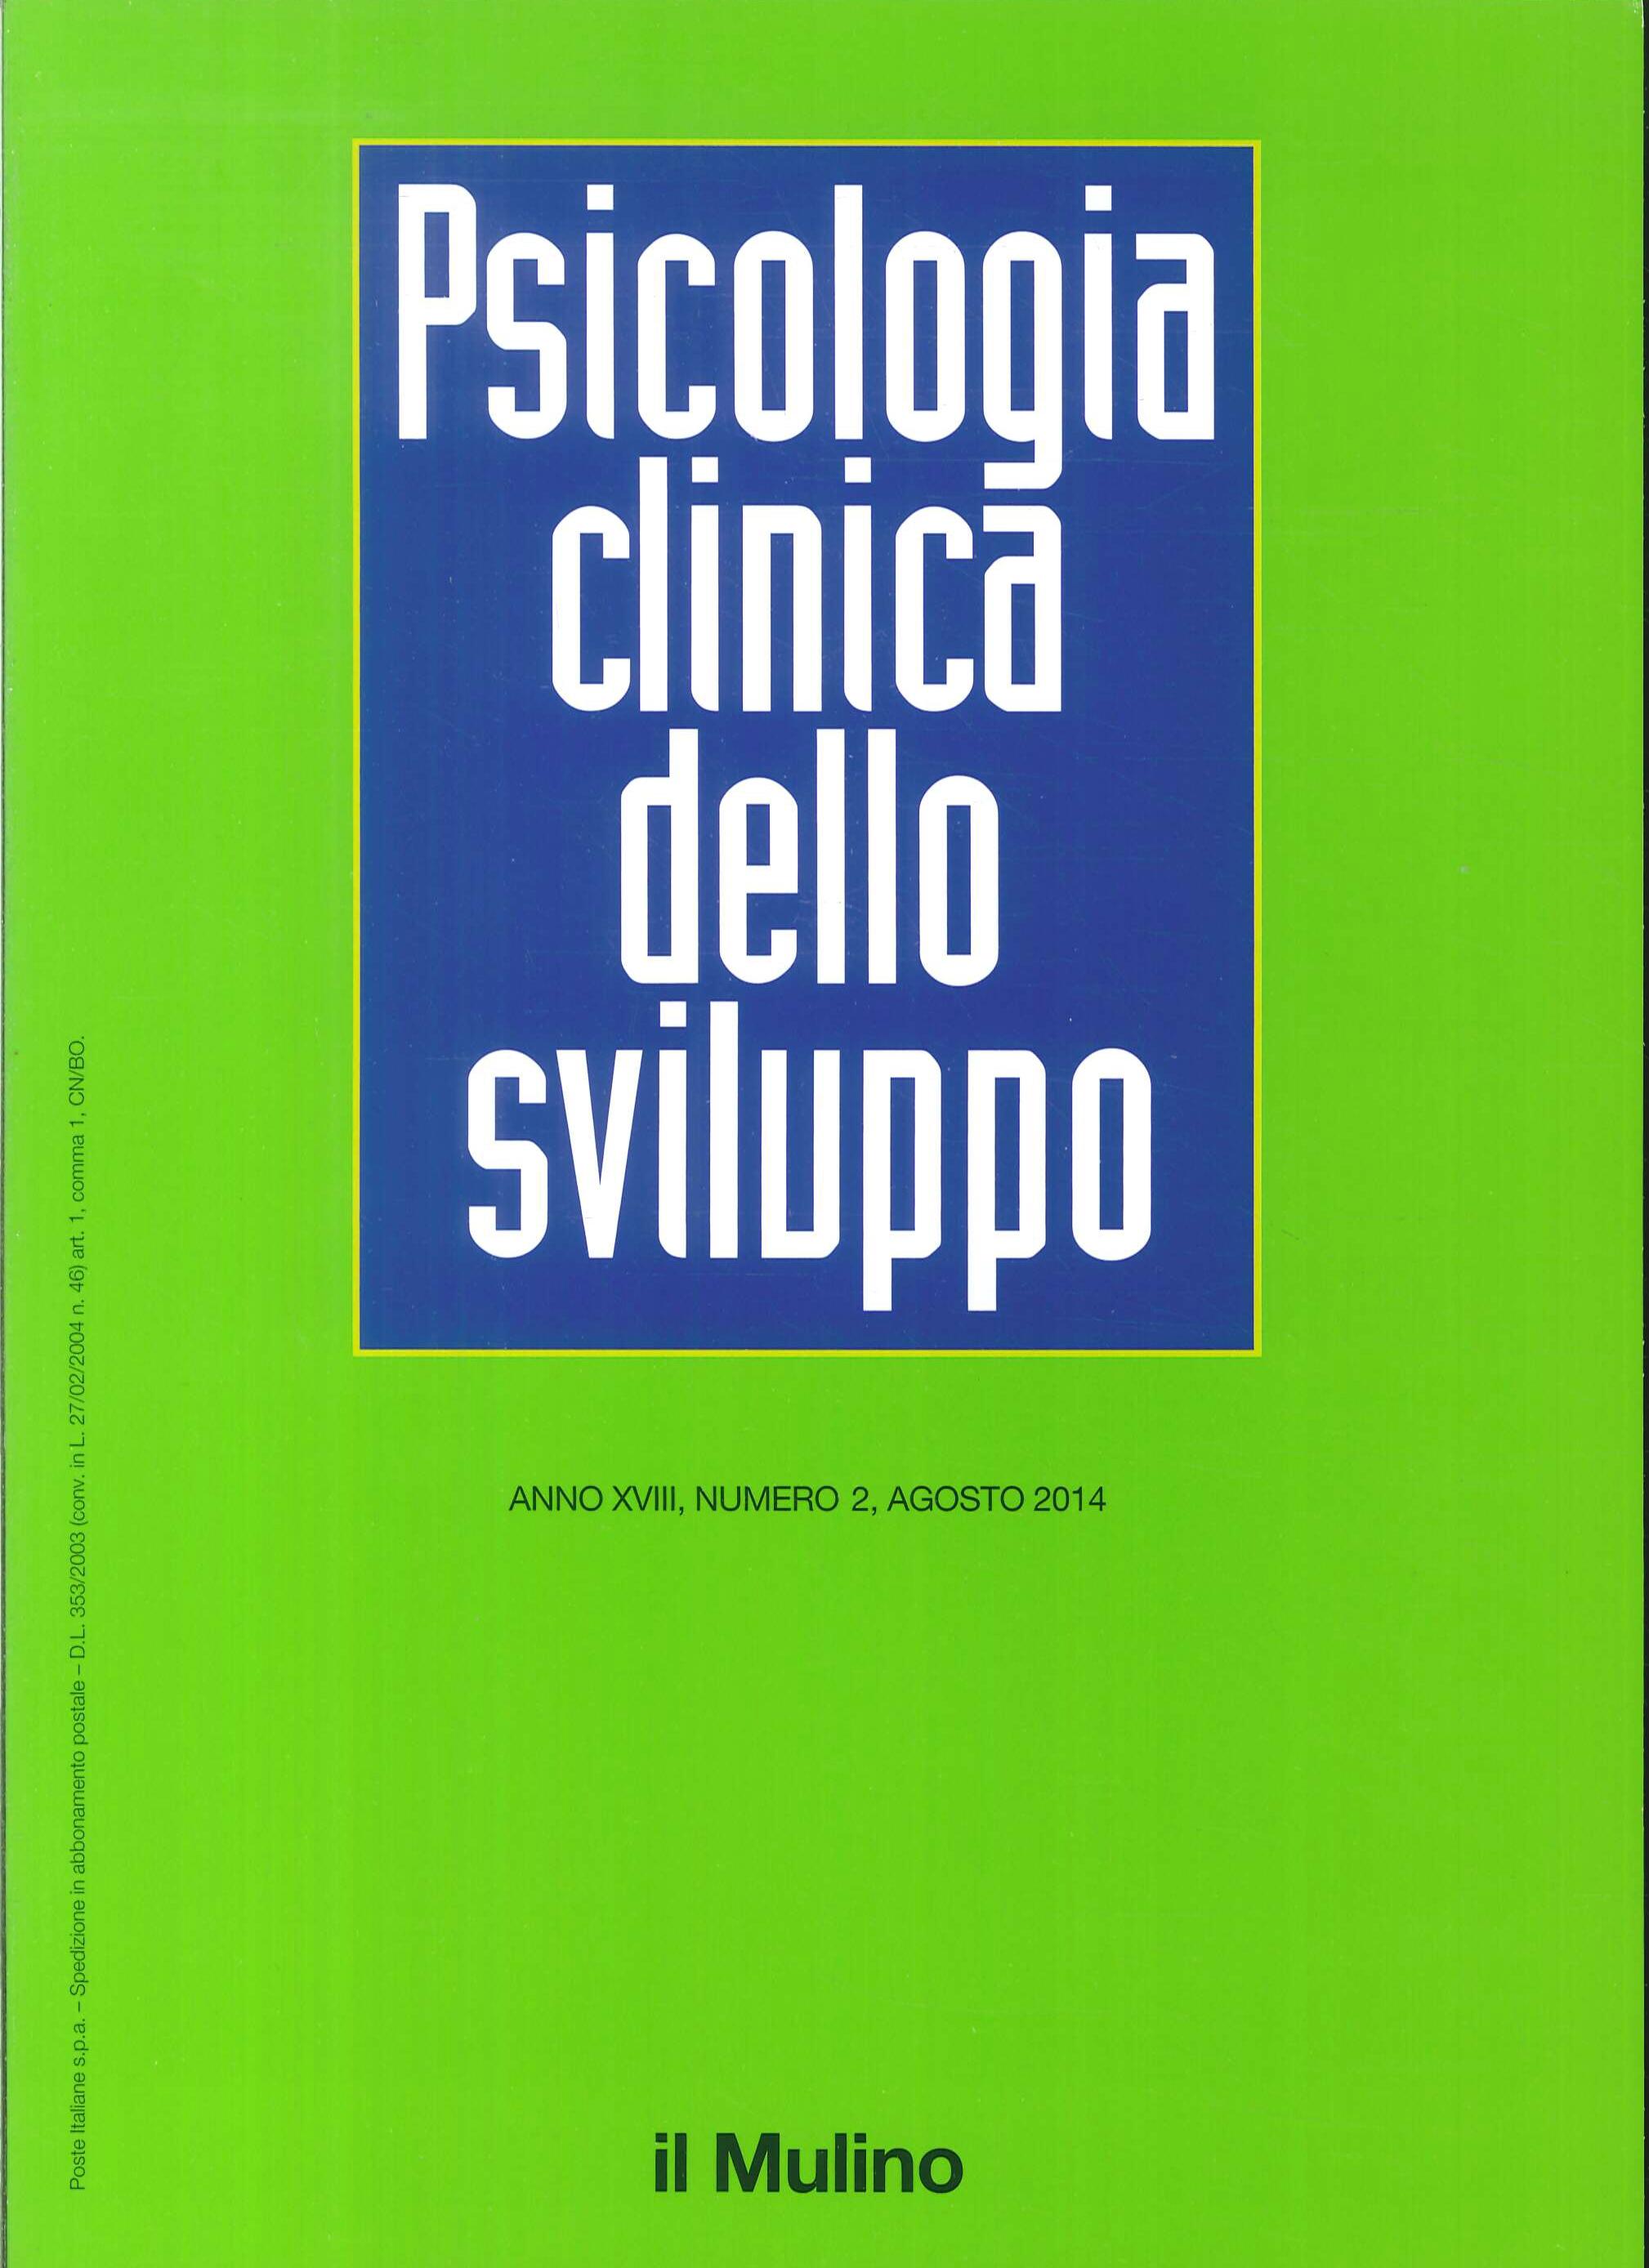 Psicologia clinica dello sviluppo. Anno XVIII. Numero 2. Agosto 2014